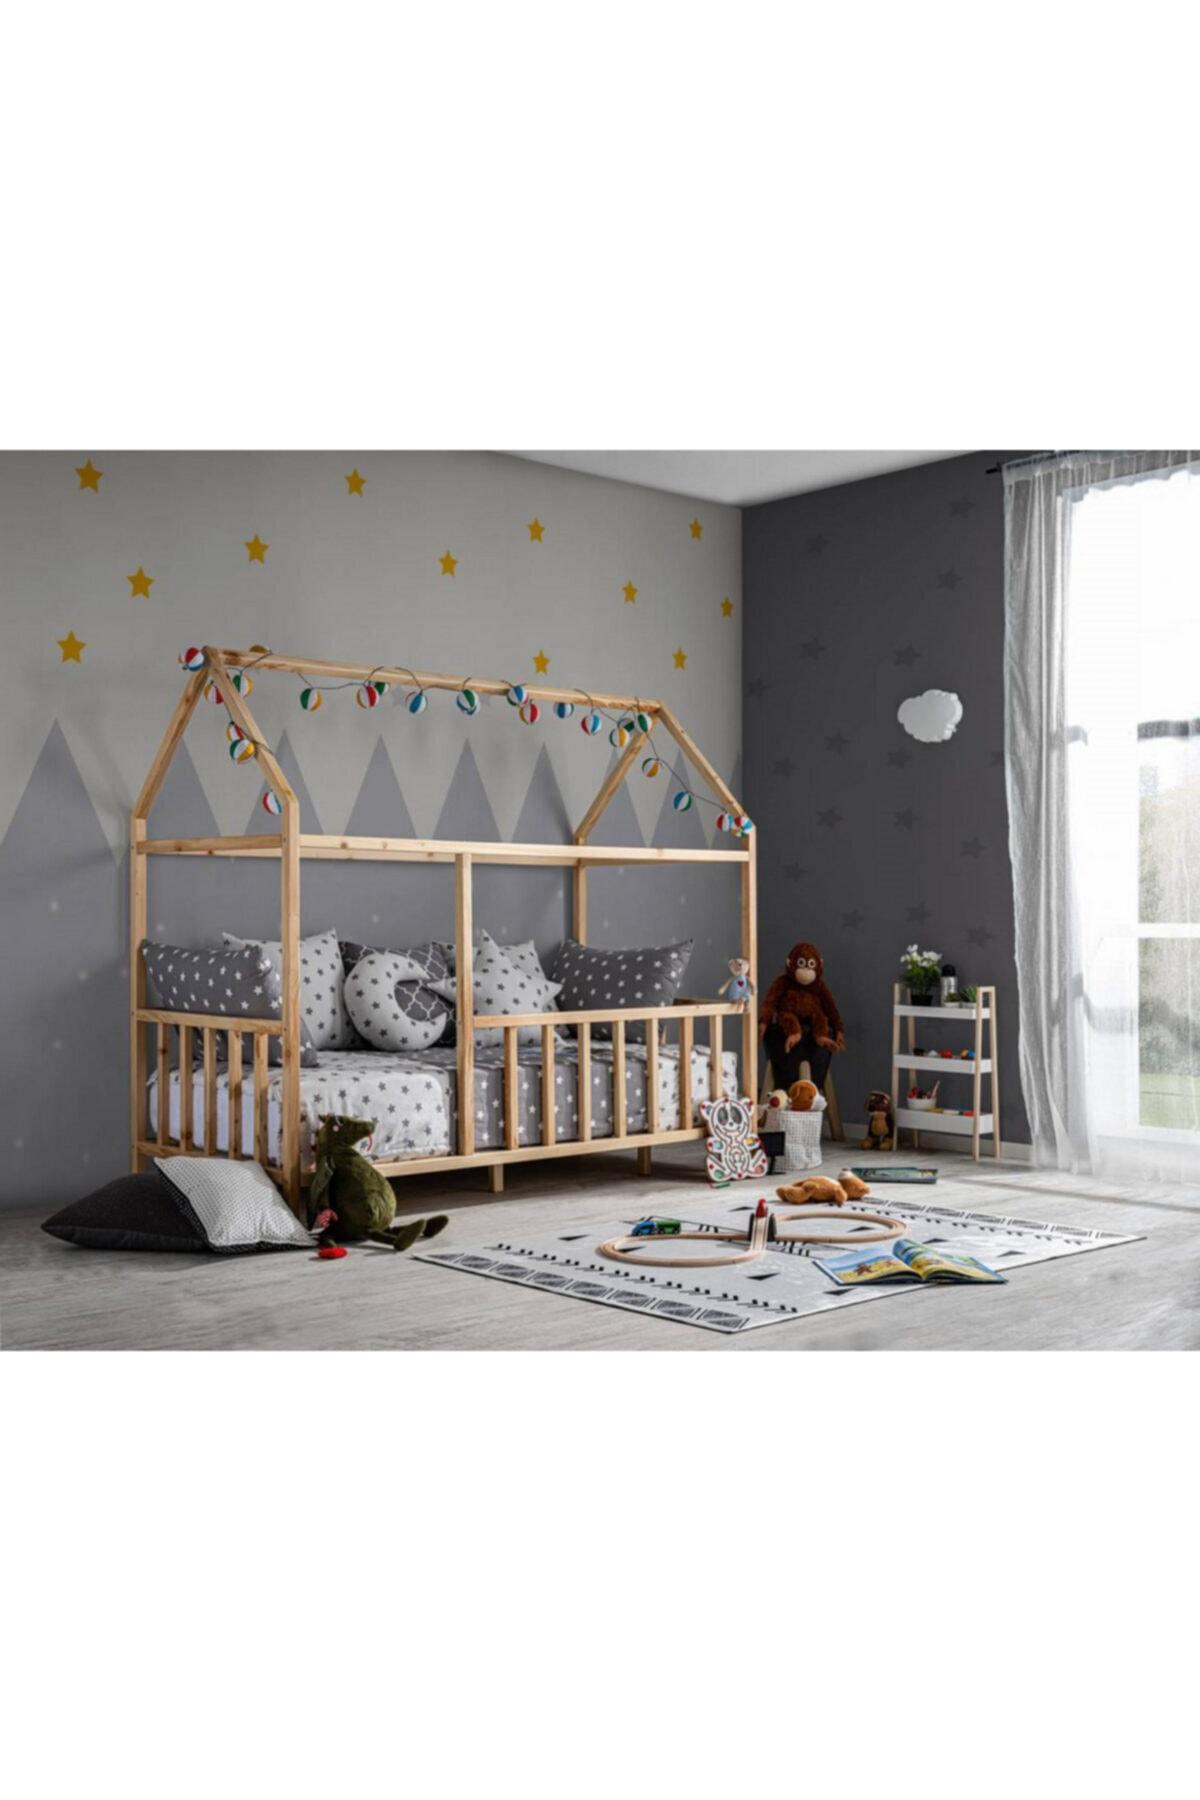 Baby Kinder ® 90x190 Çatılı Doğal (organik - Çam) Montessori Bebek & Çocuk Karyolası 1